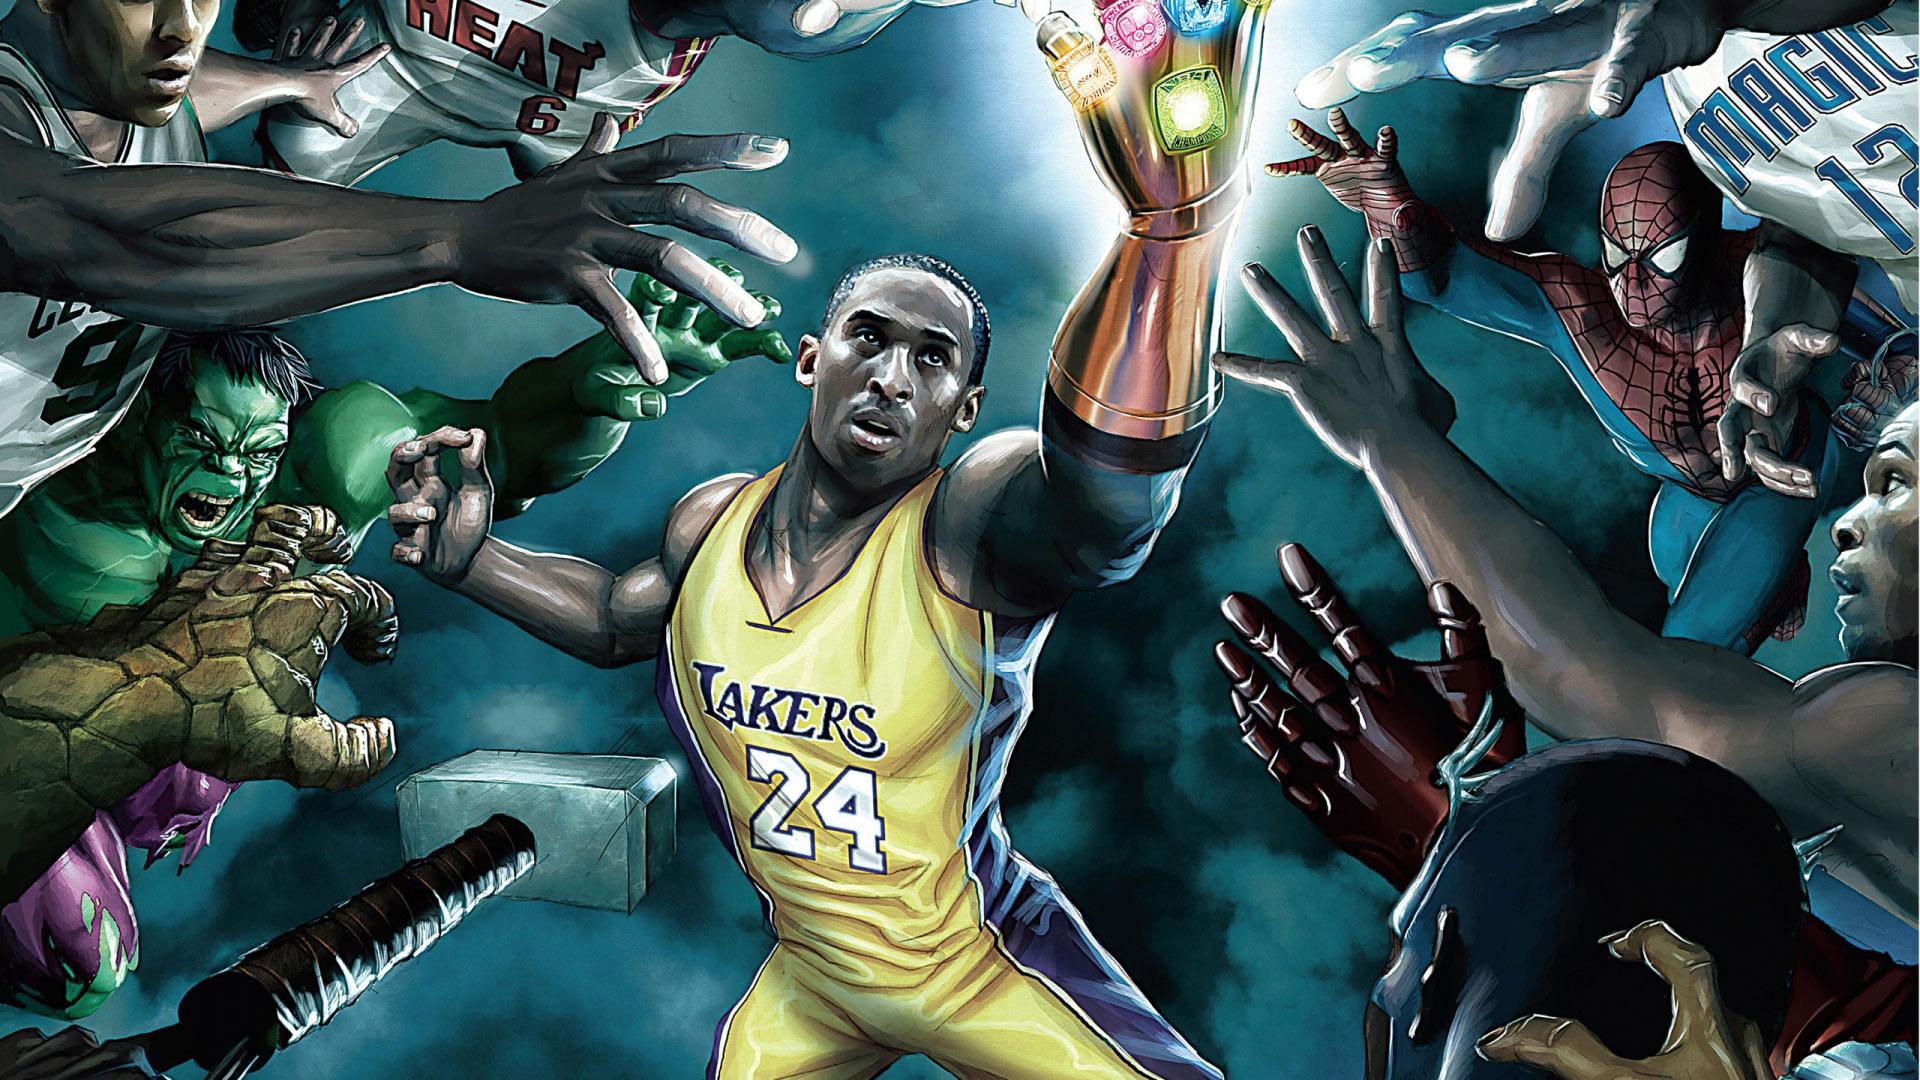 Картинки баскетболист и супергерои